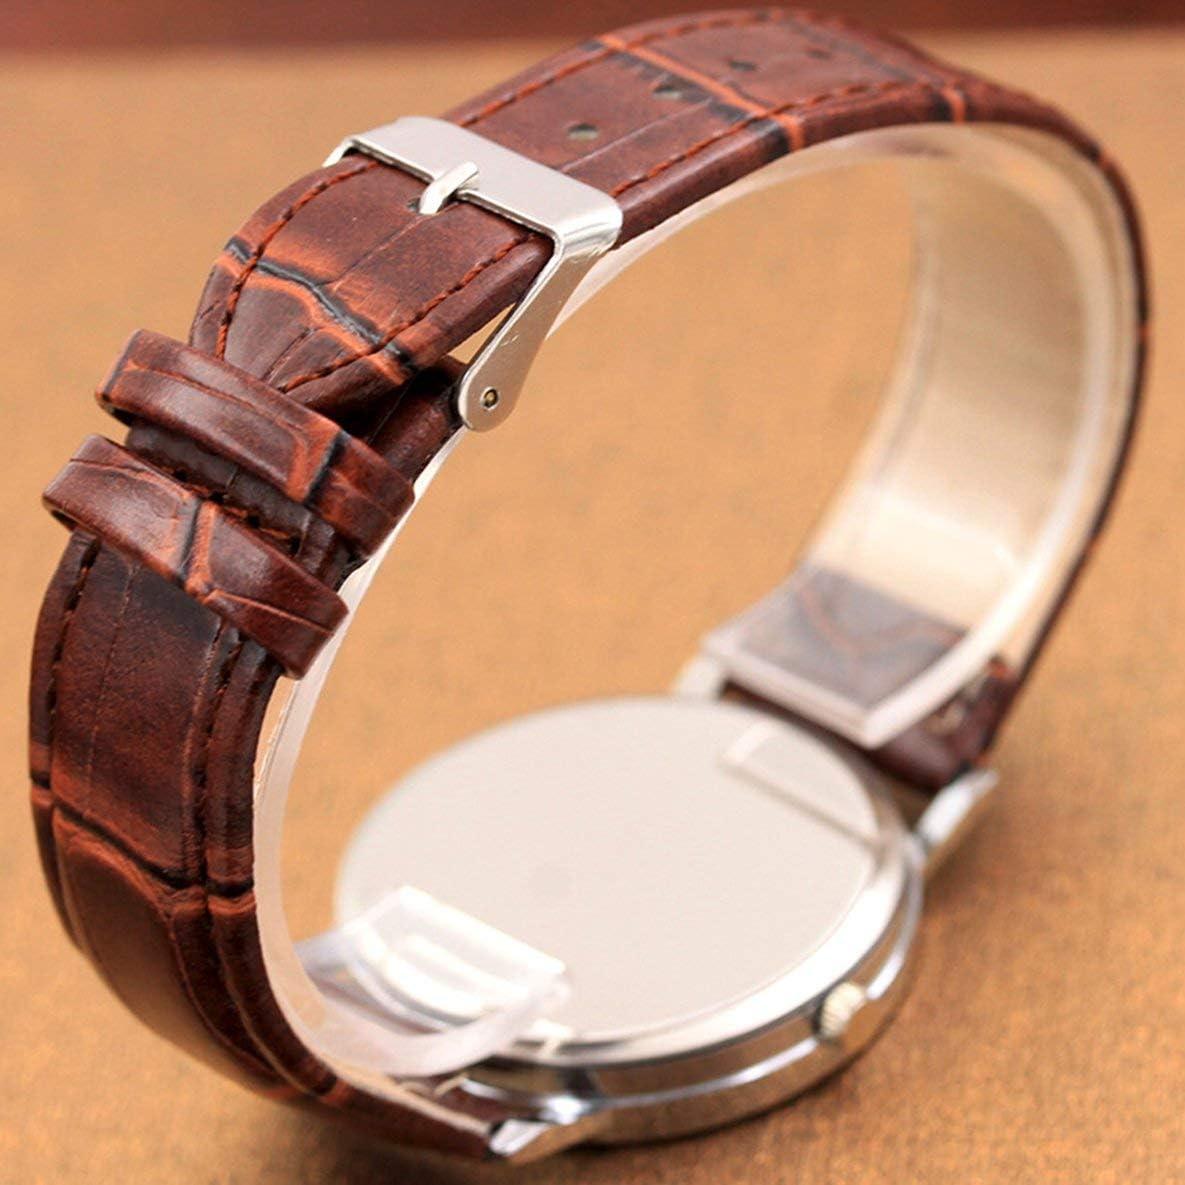 Rouku Mode Hommes en Acier Inoxydable Montre-Bracelet Montre Bracelet Rond en Cuir Bracelet Hommes Montres Quartz Montre Quartz Horloge